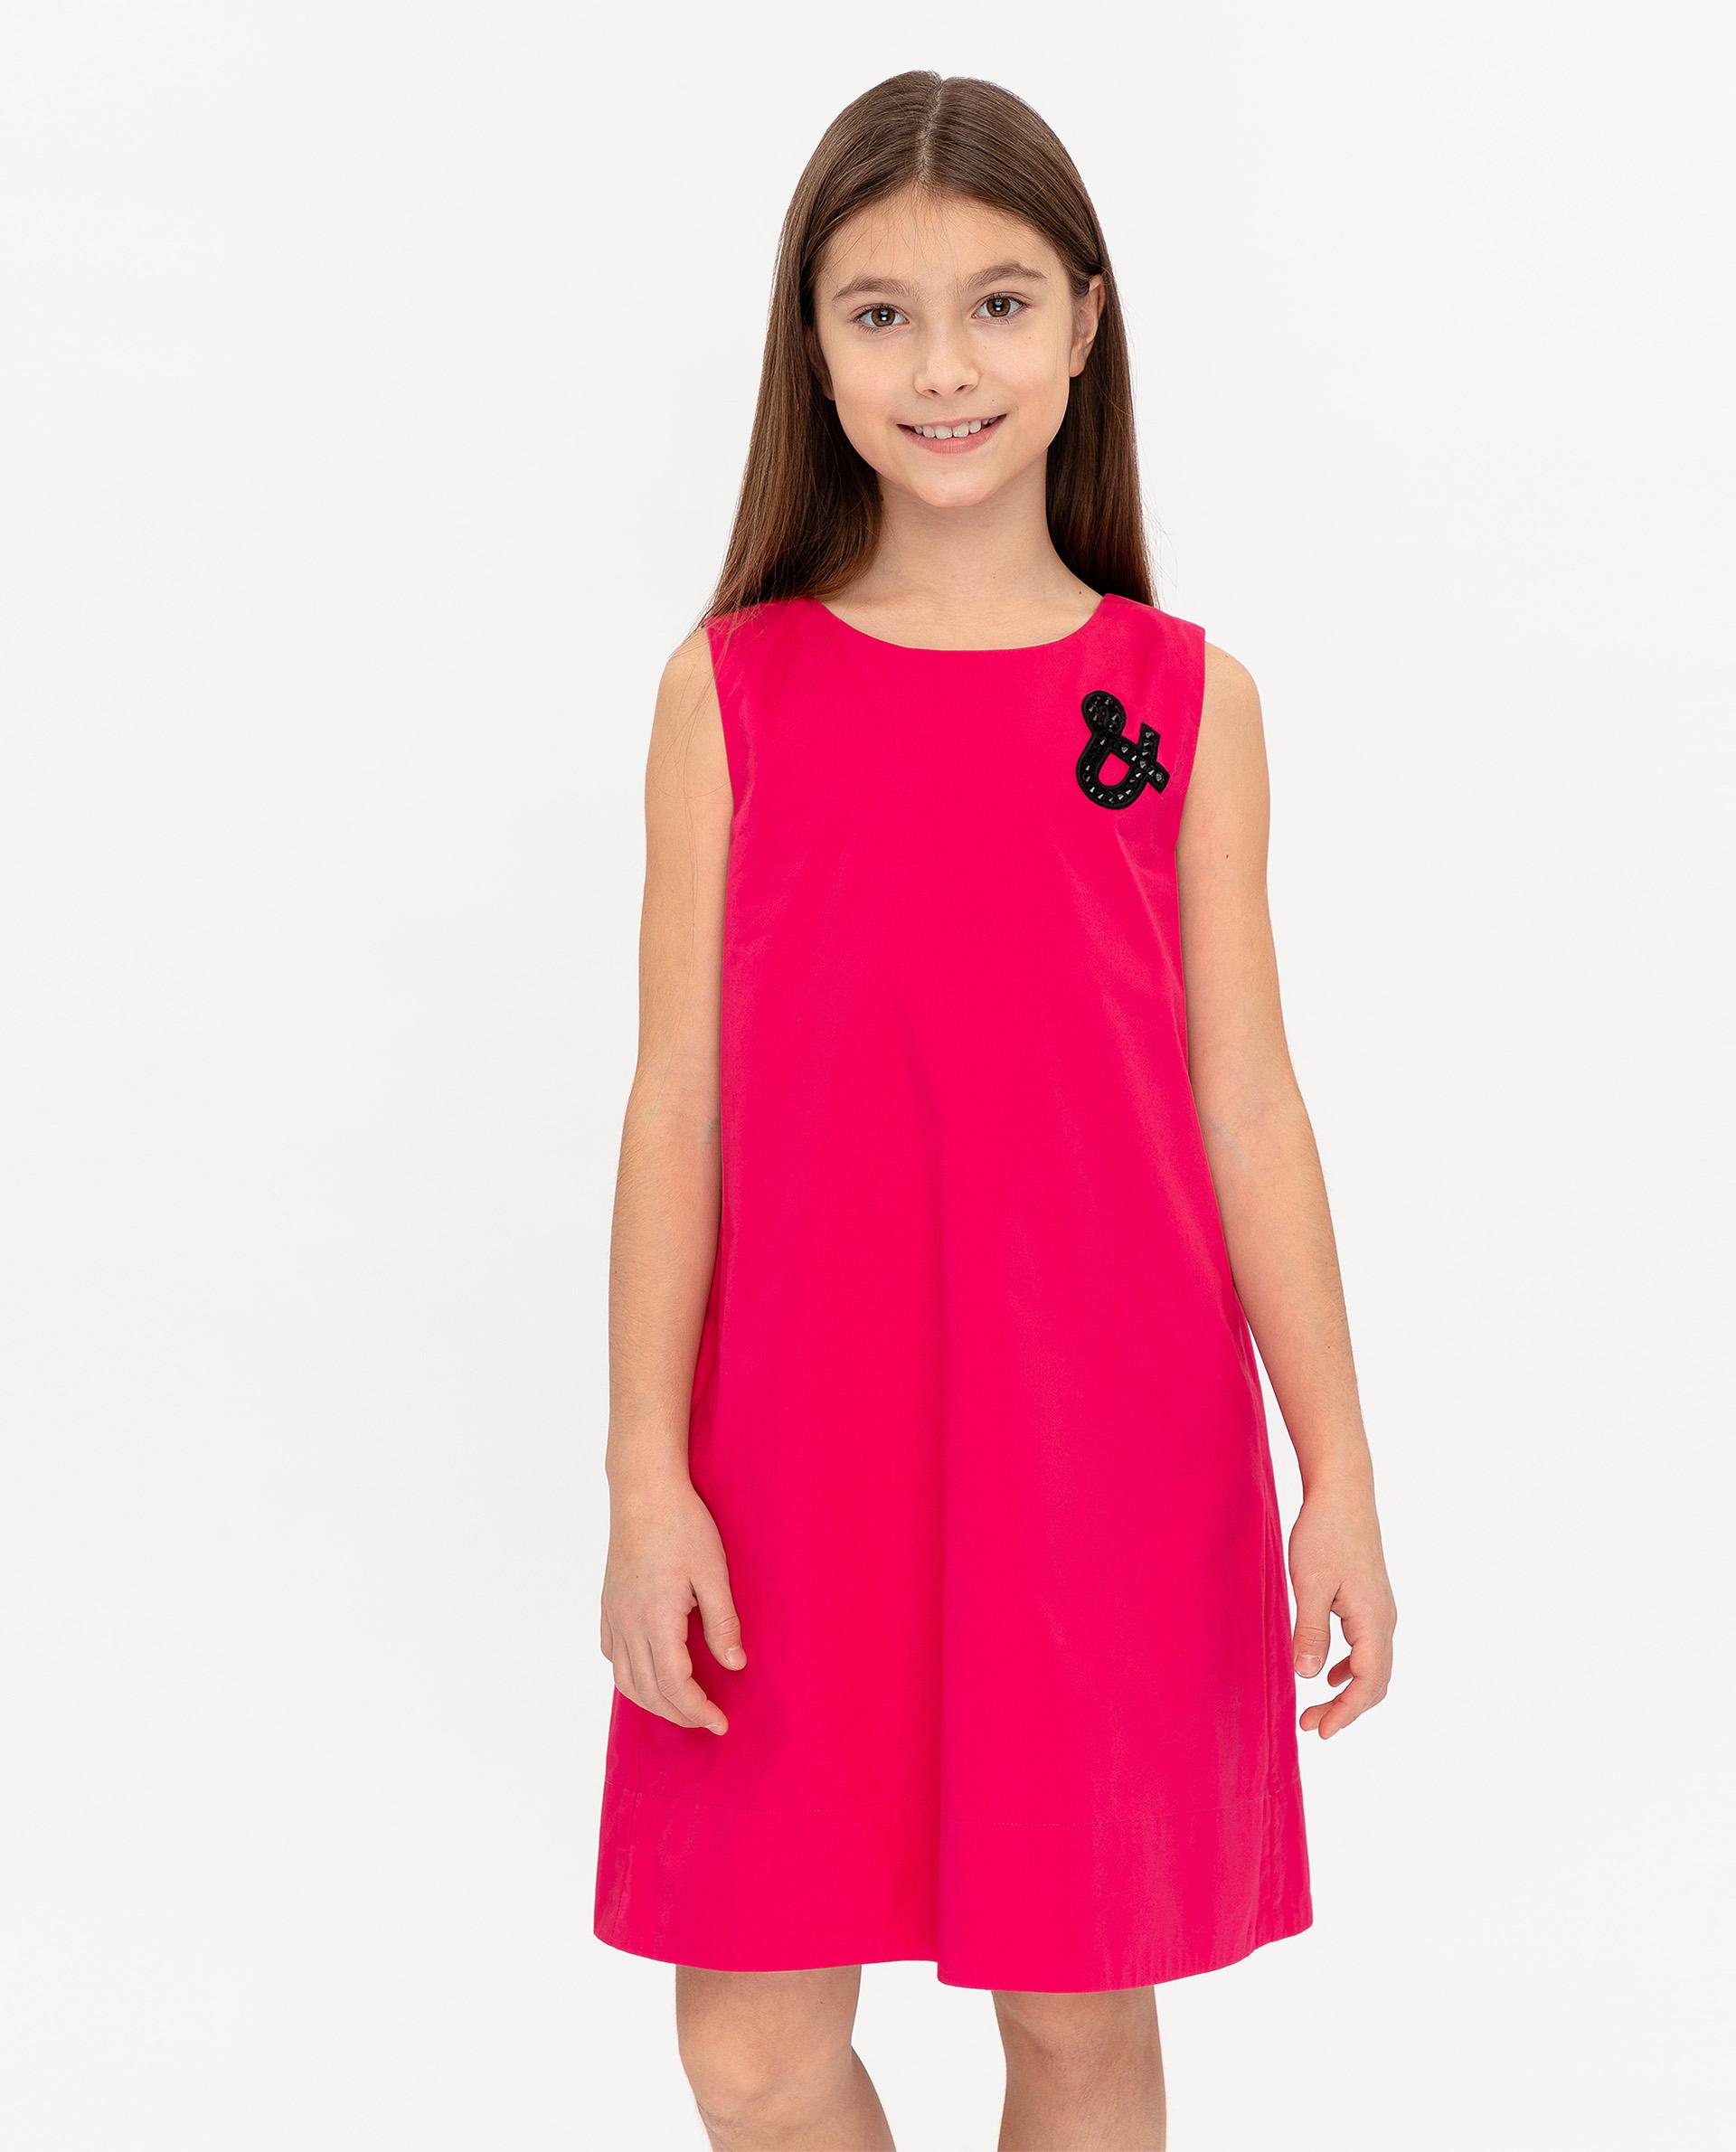 12007GJC2501, Платье для девочек Gulliver, цв. розовый, р.164,  - купить со скидкой